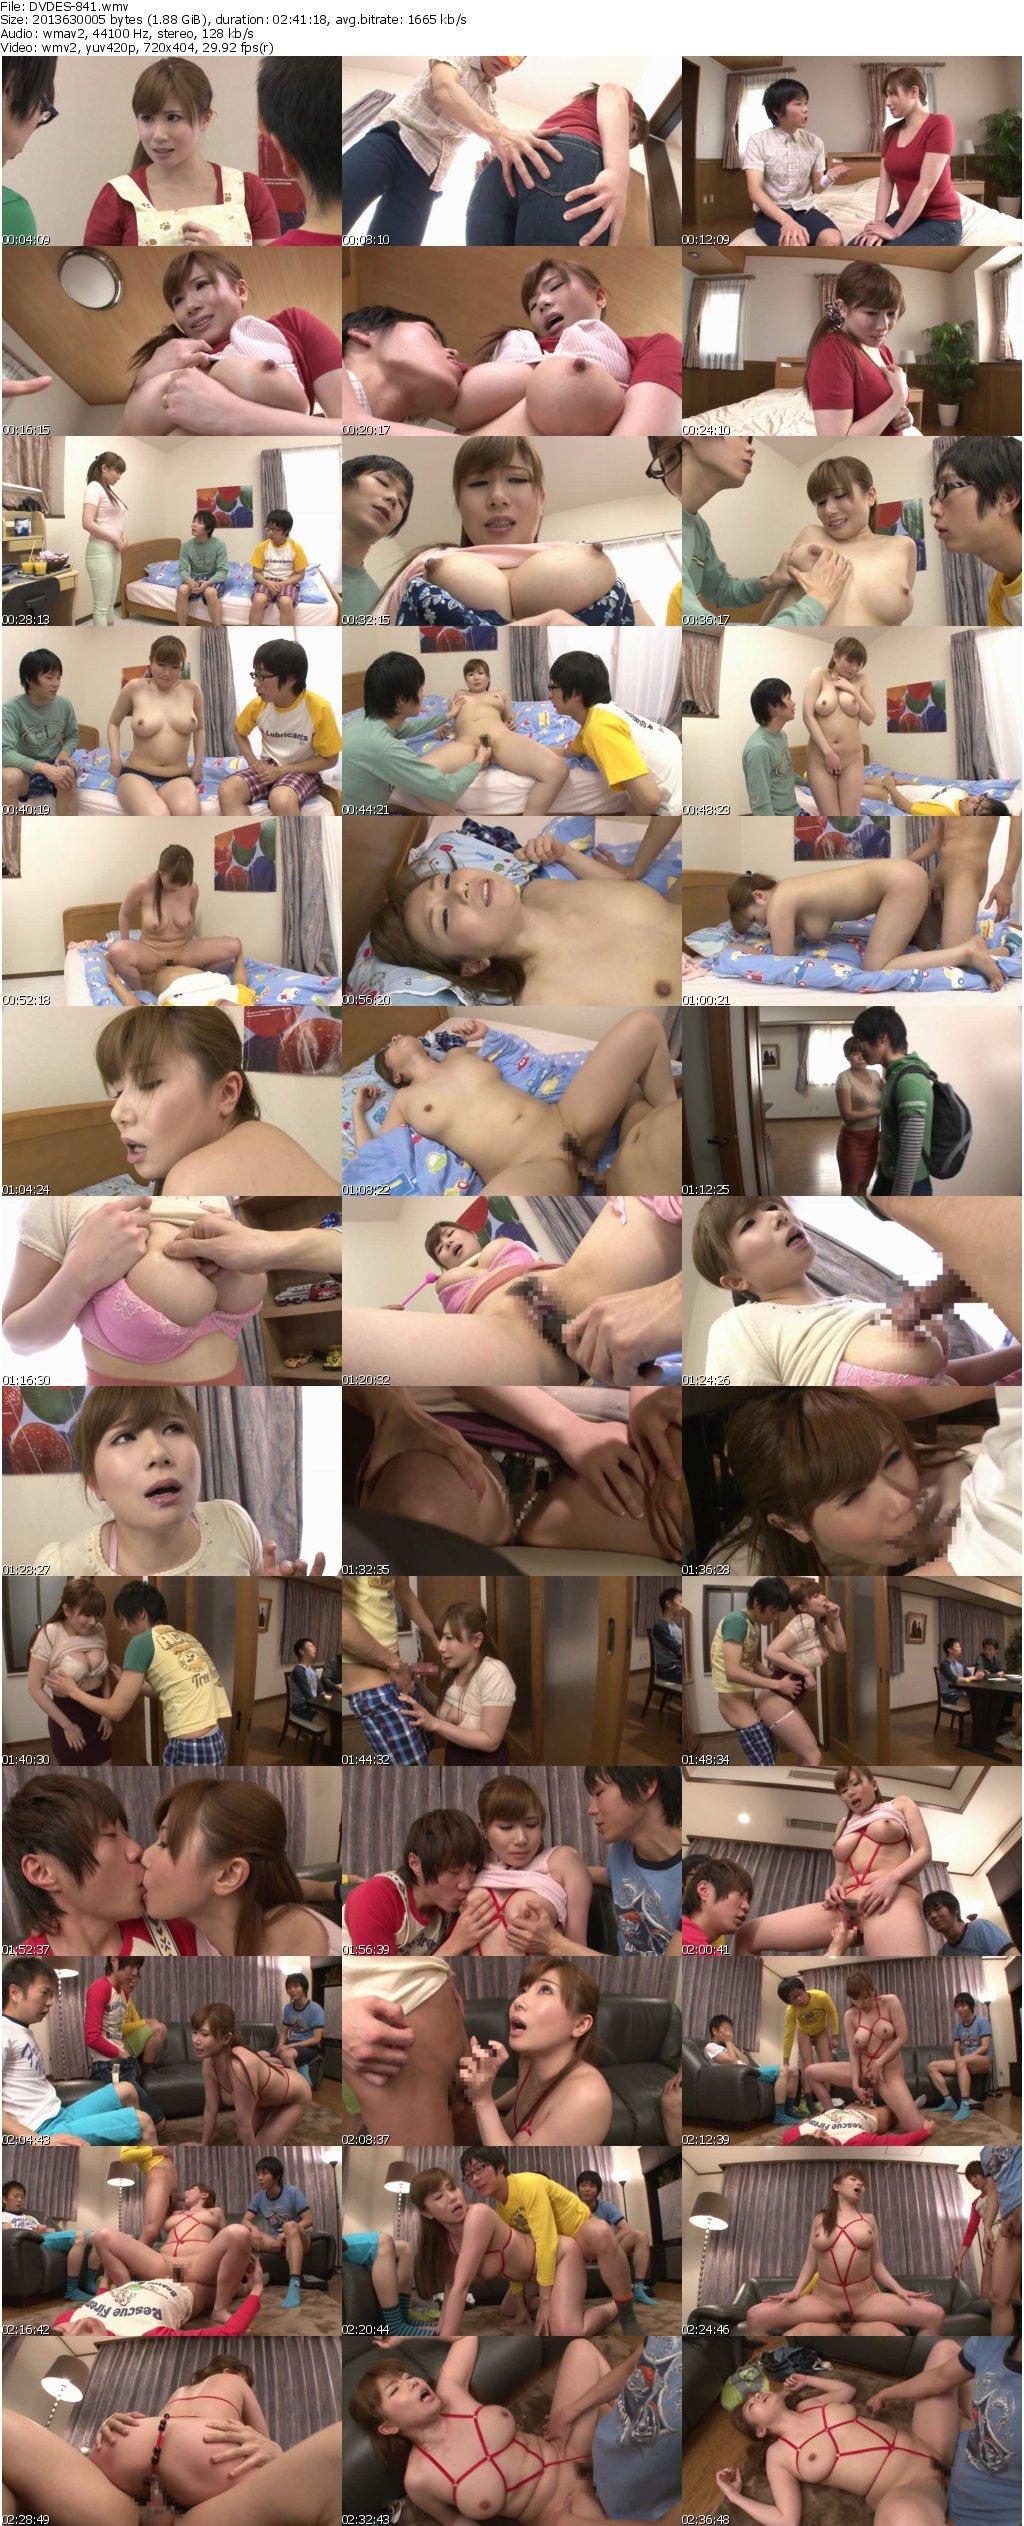 [DVDES-841] おっぱいママを狙うマセガキ同級生5 僕のママが寝取られて妊娠懇願 ディープス Cum ビバ☆ゴンゾ 160分 騎乗位 Neto Mature Blow